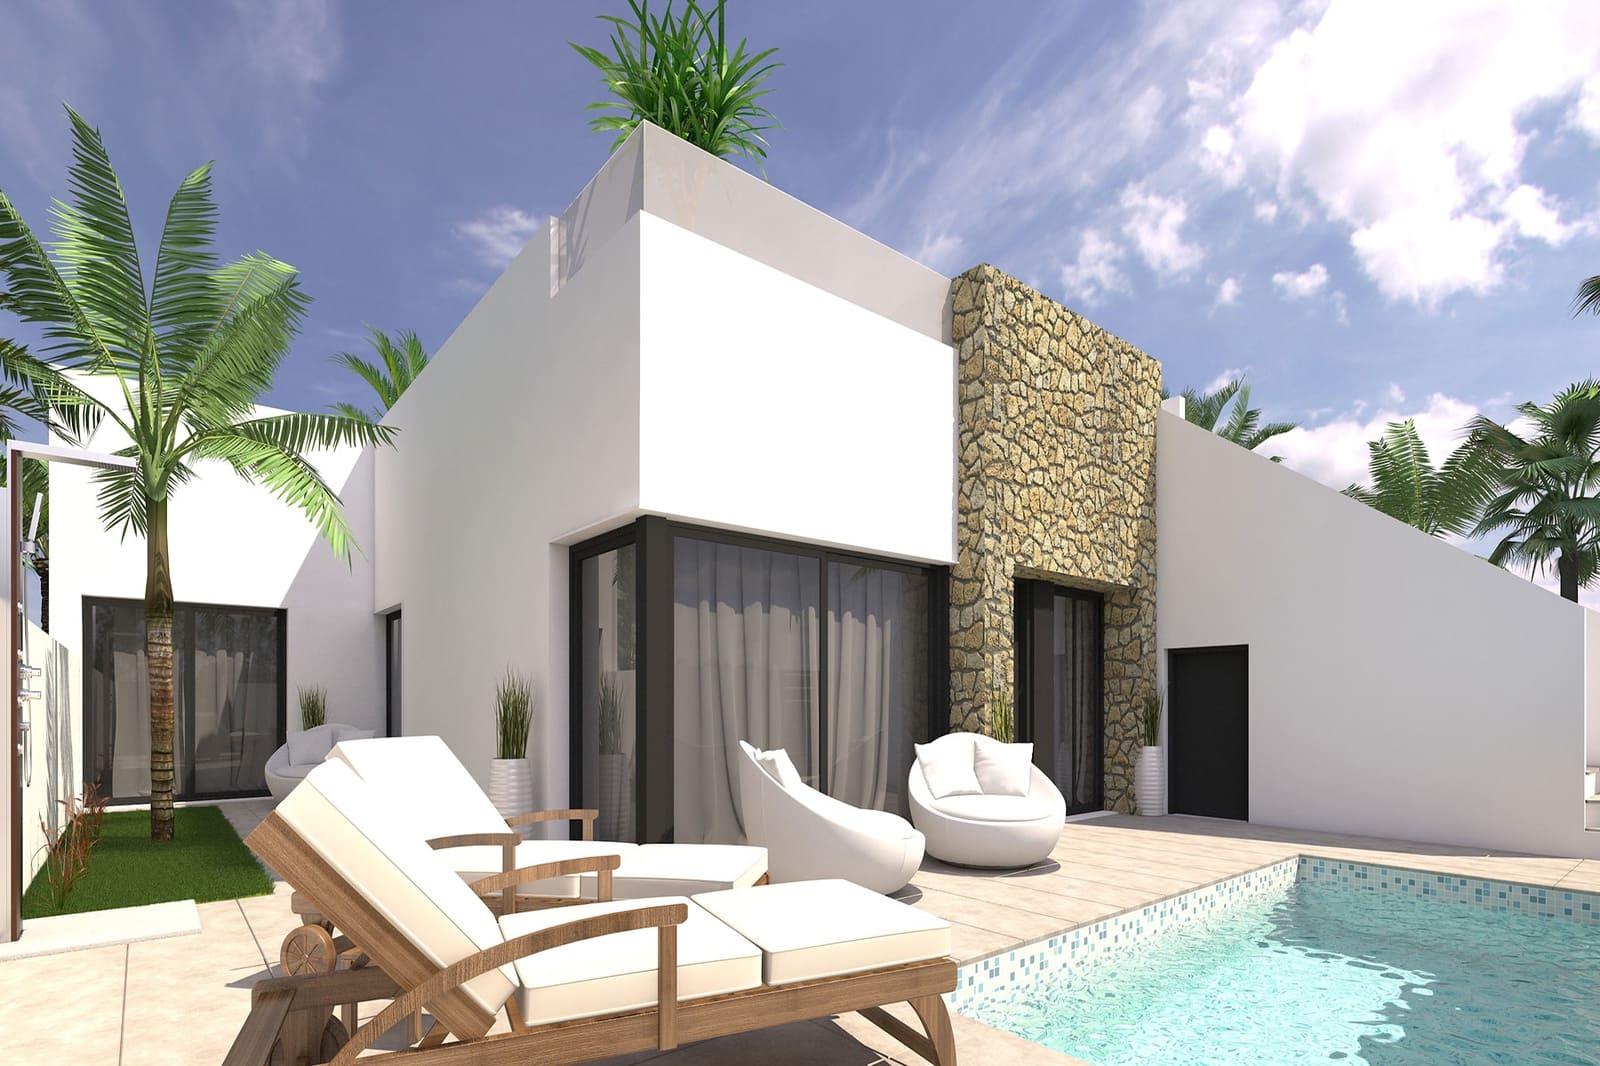 Pareado de 3 habitaciones en Pilar de la Horadada en venta con piscina - 239.900 € (Ref: 5003617)